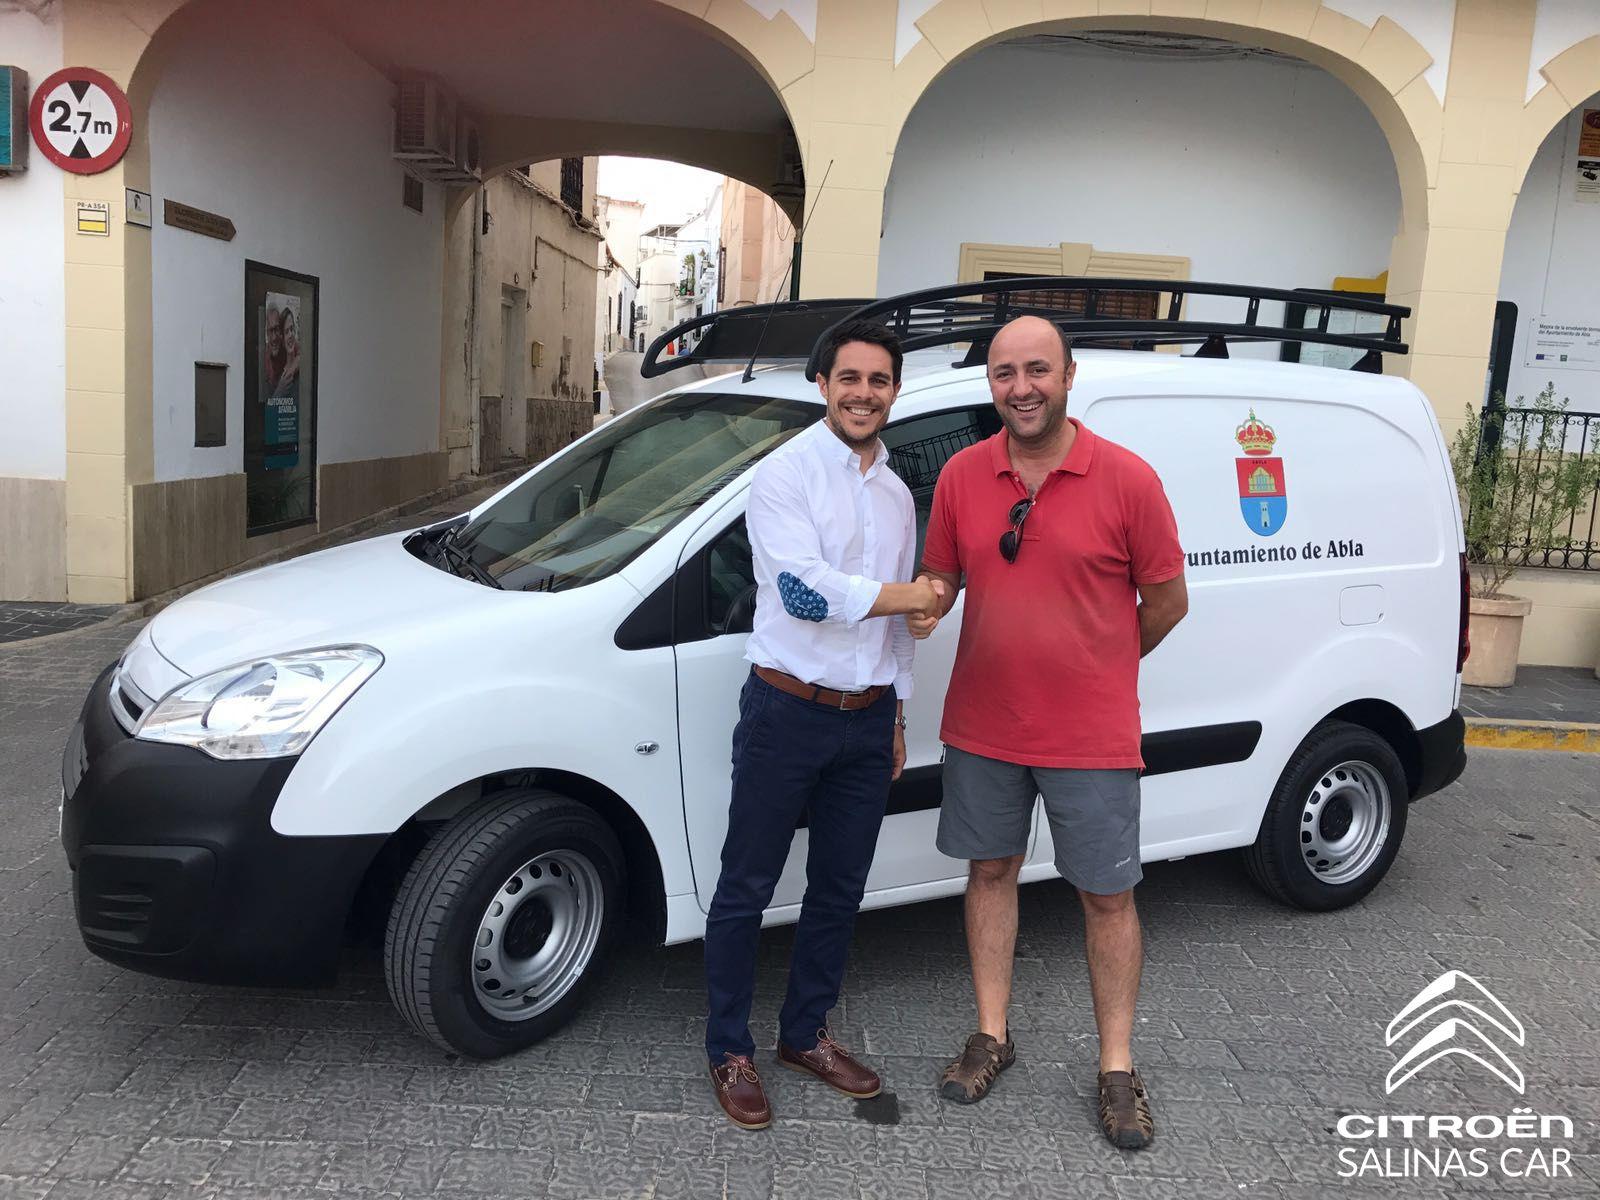 El Ayuntamiento de Abla confía en Citroën Salinas Car